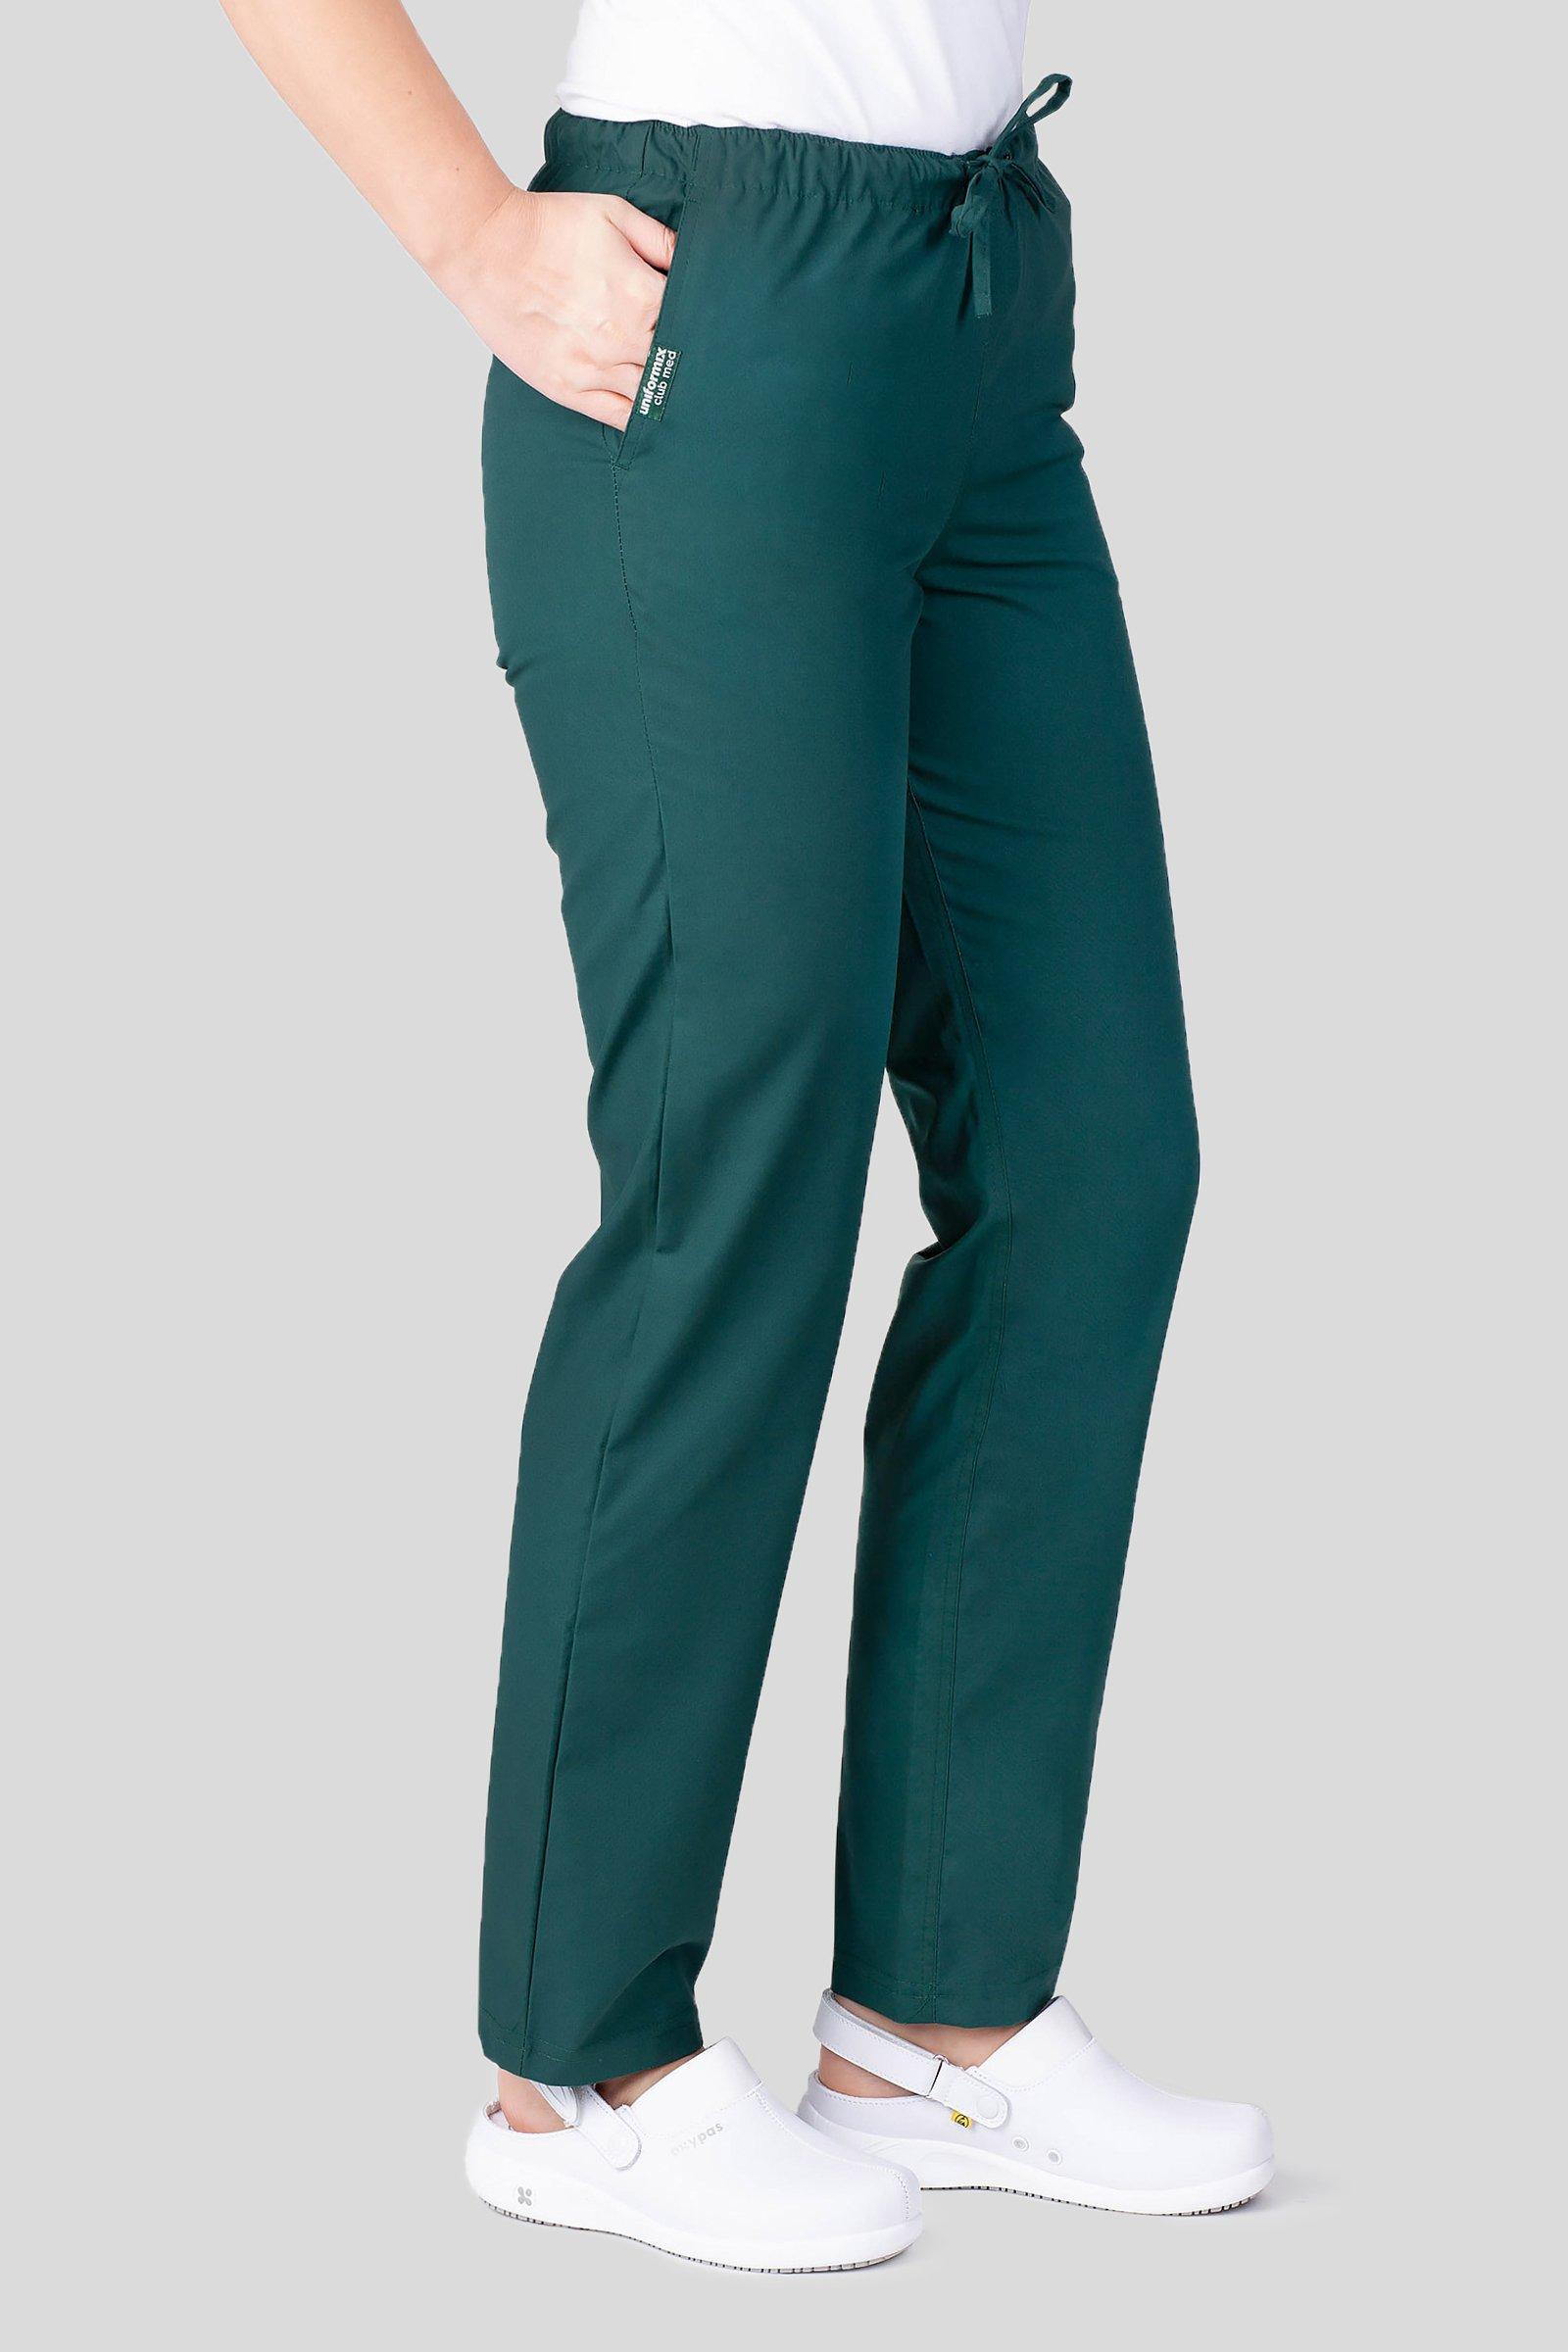 Spodnie medyczne uniwersalne Uniformix Club Med, zielone ciemne. CM119